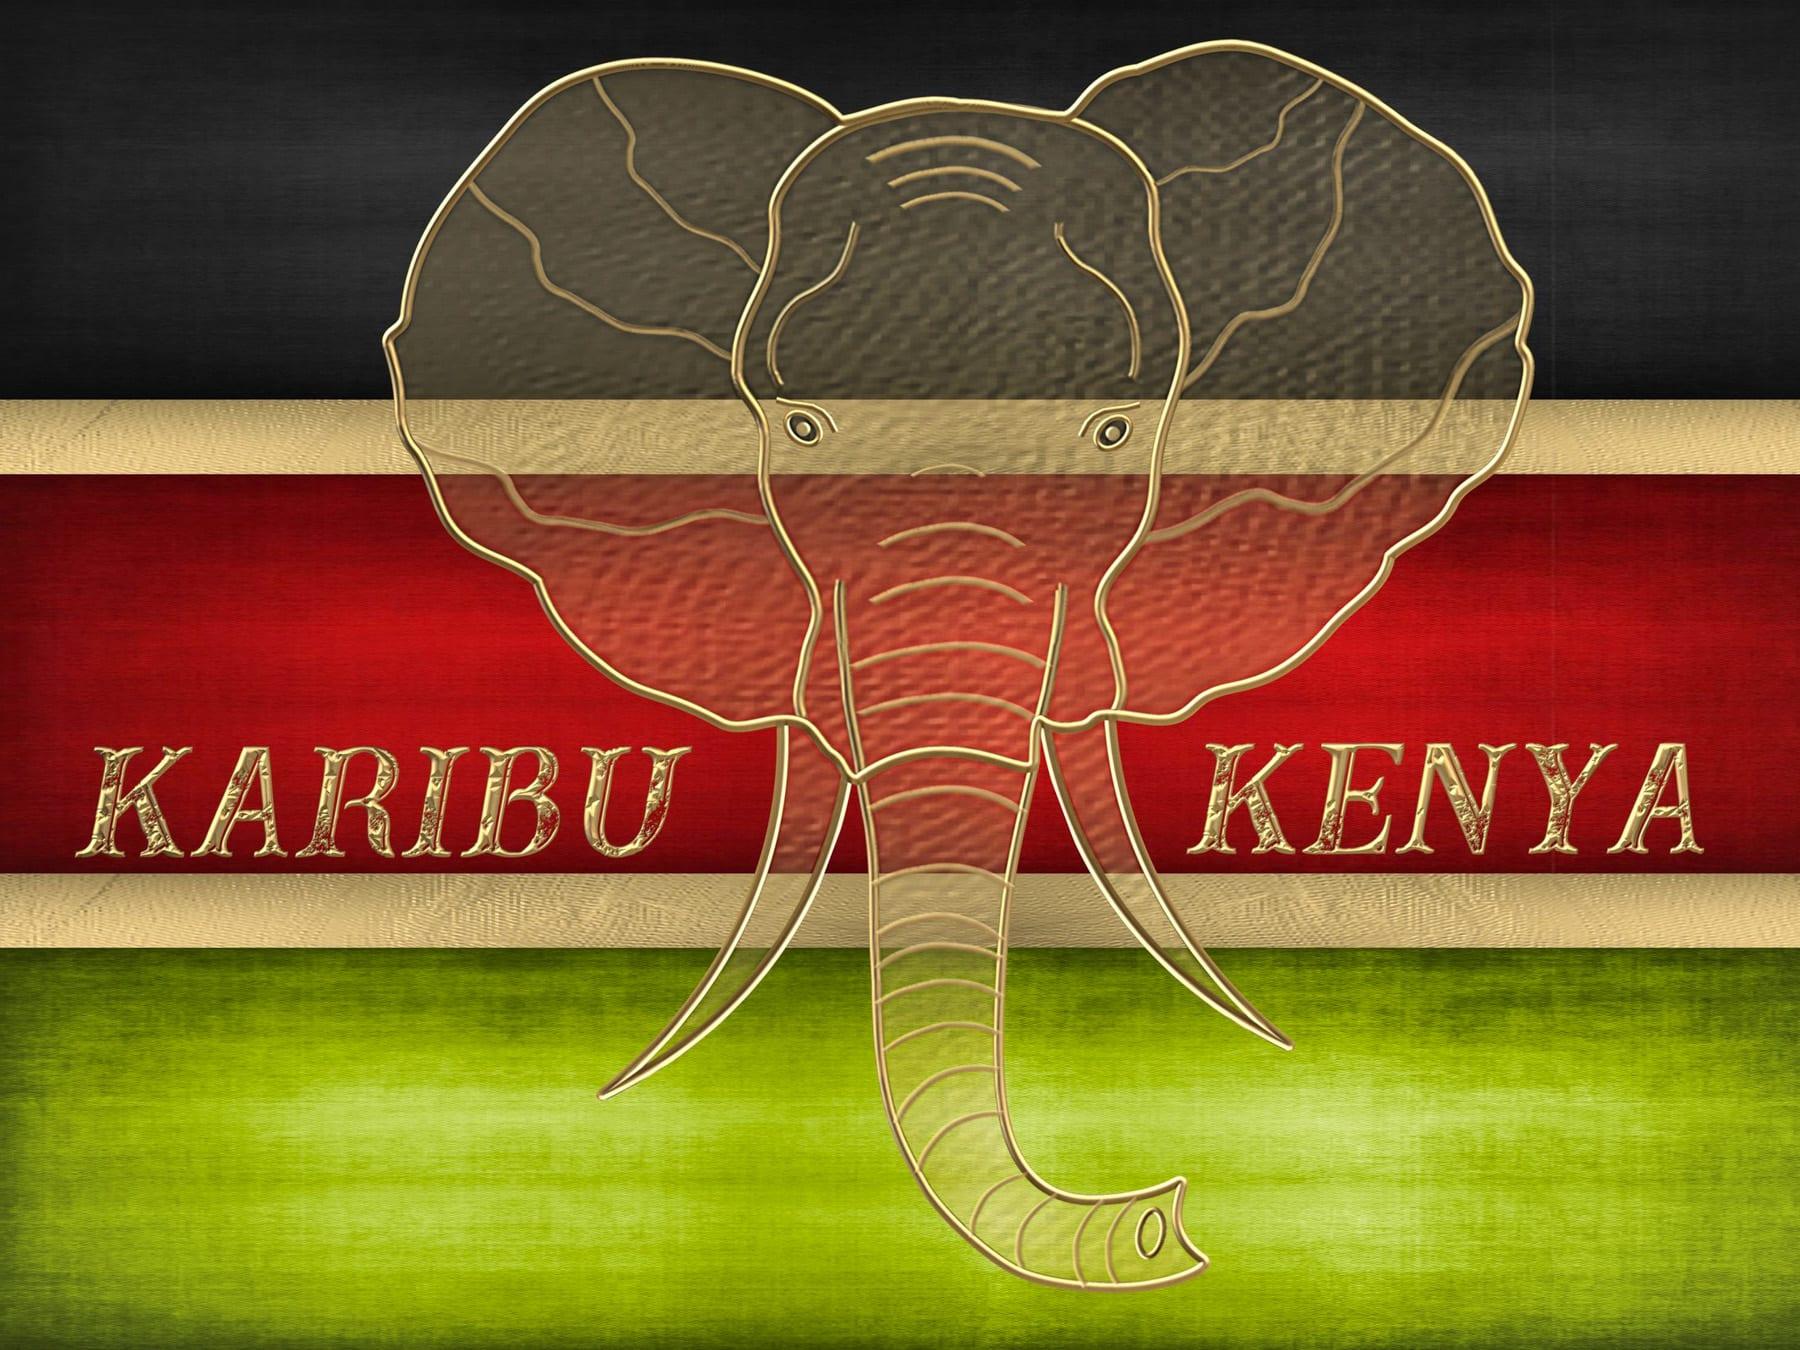 Travel Tribe Africa - Karibu Kenya!